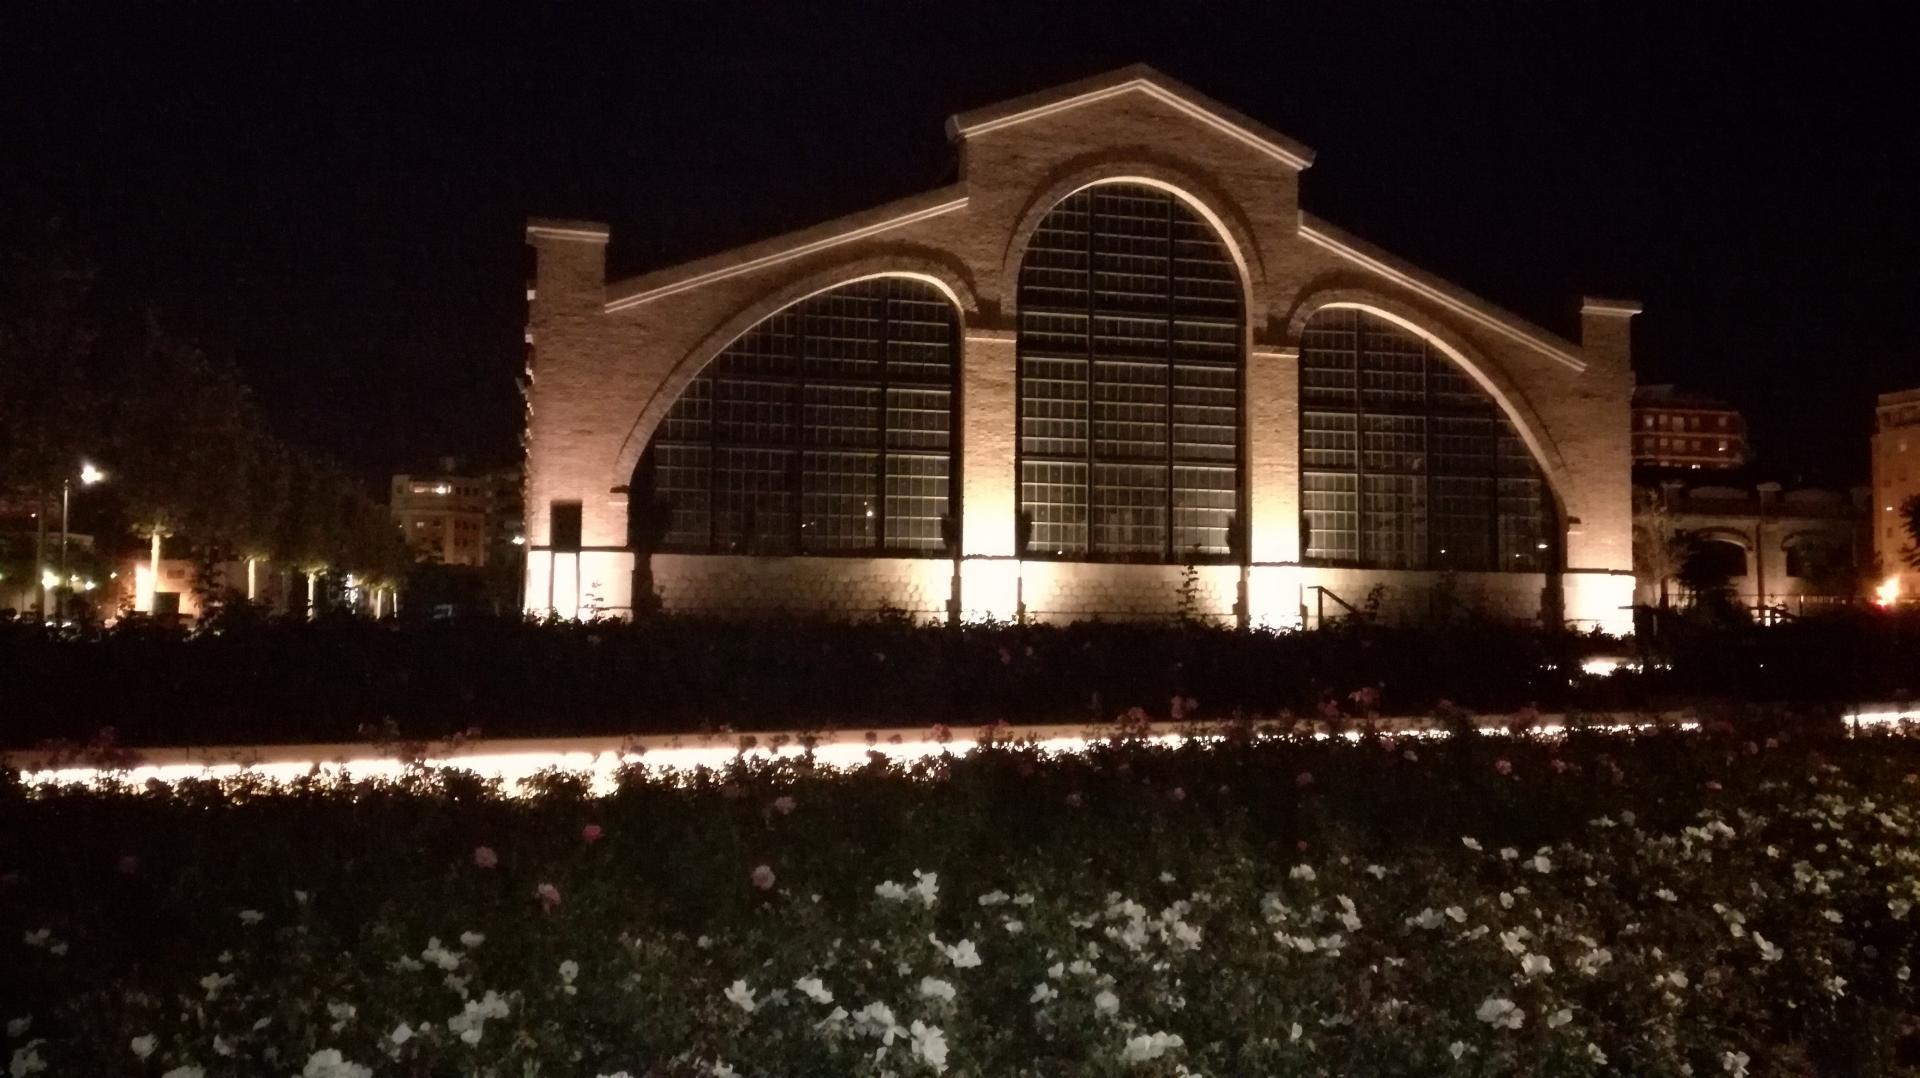 Edifici rehabilitat amb il·luminació nocturna